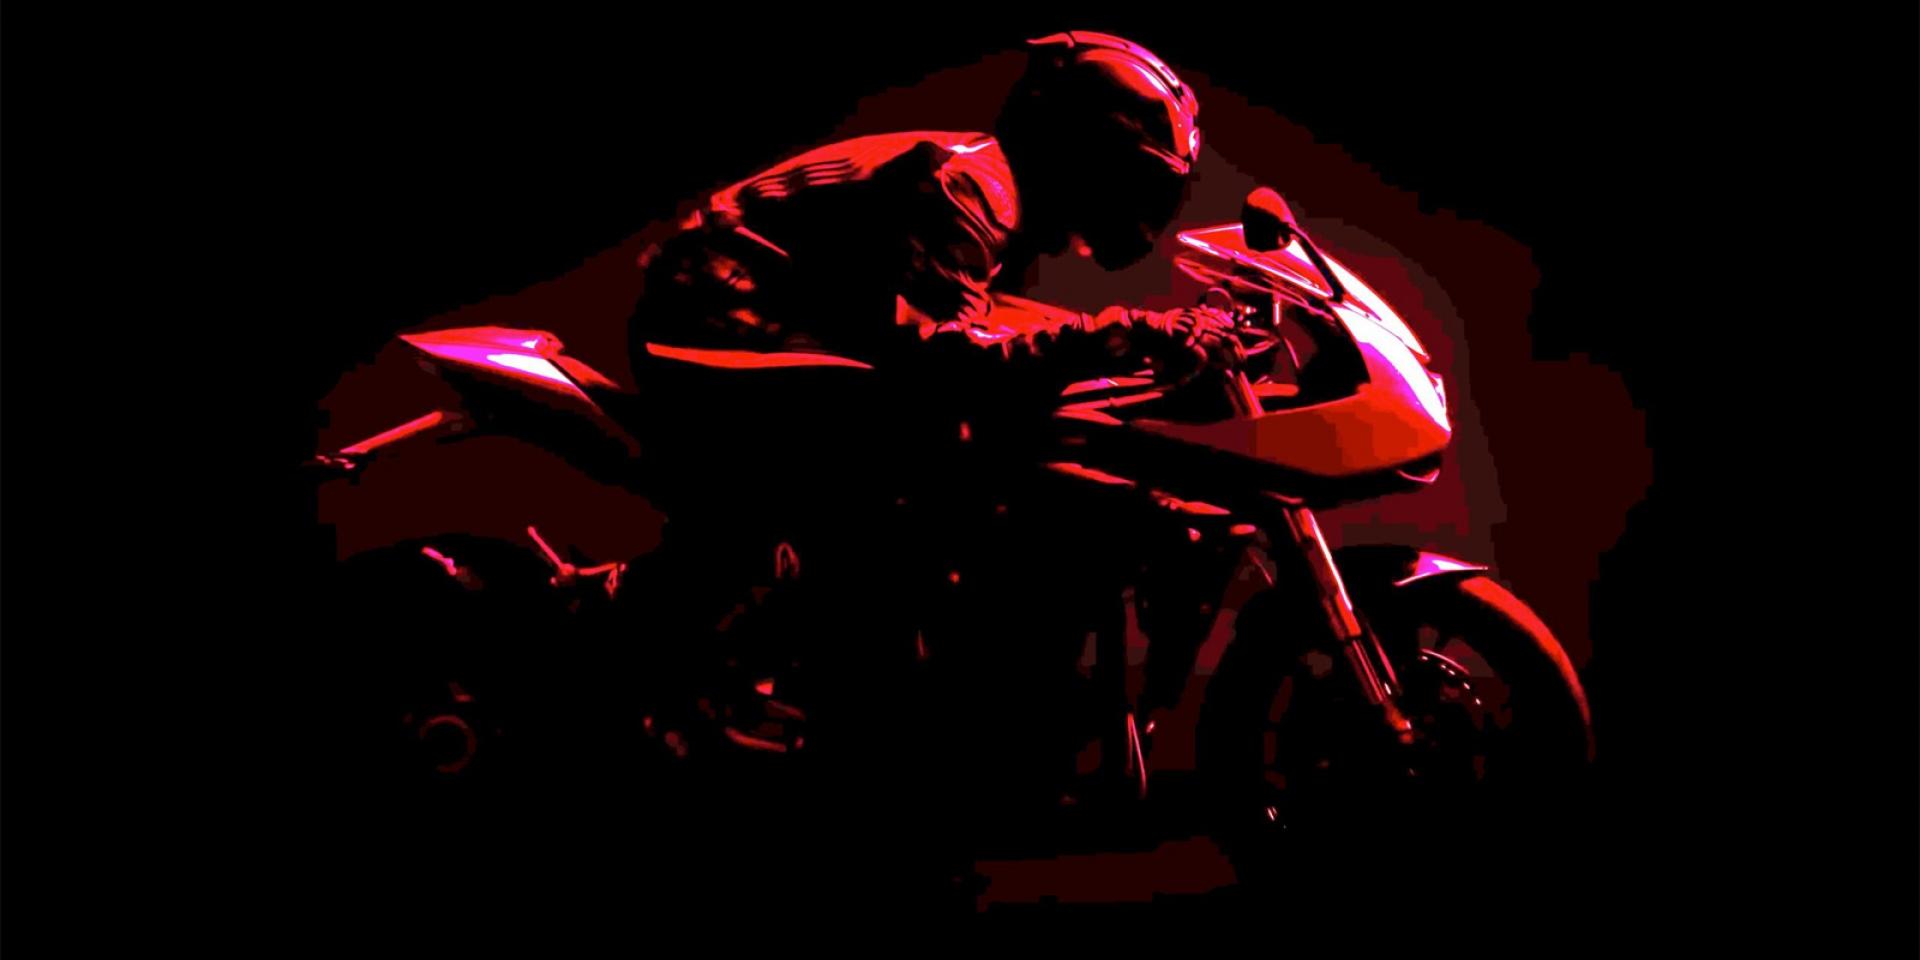 半整流罩樣式即將登場?Triumph Speed Triple RR 預告片曝光!